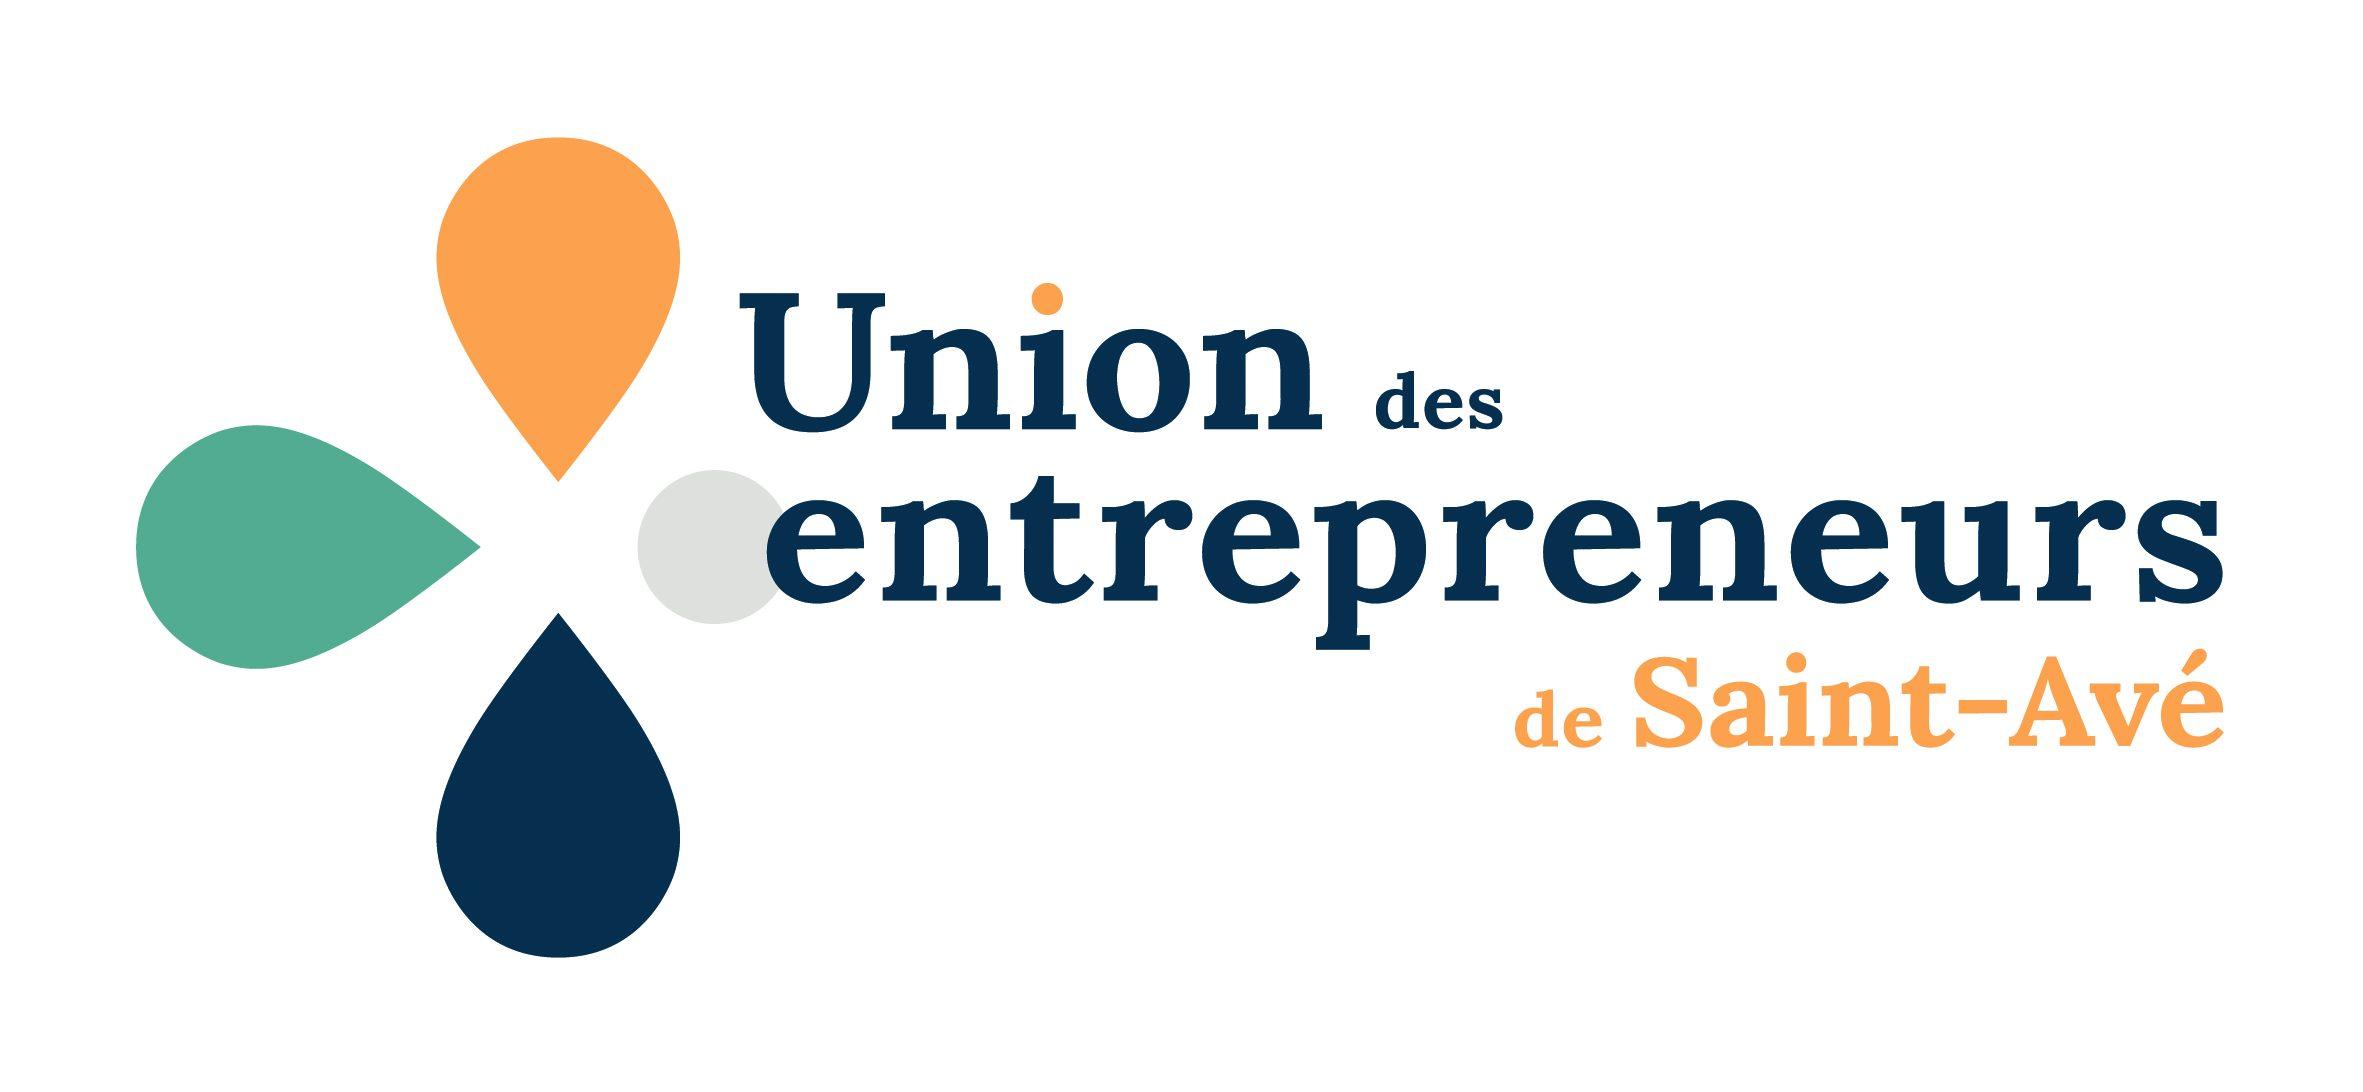 Union des entrepreneurs de Saint-Avé